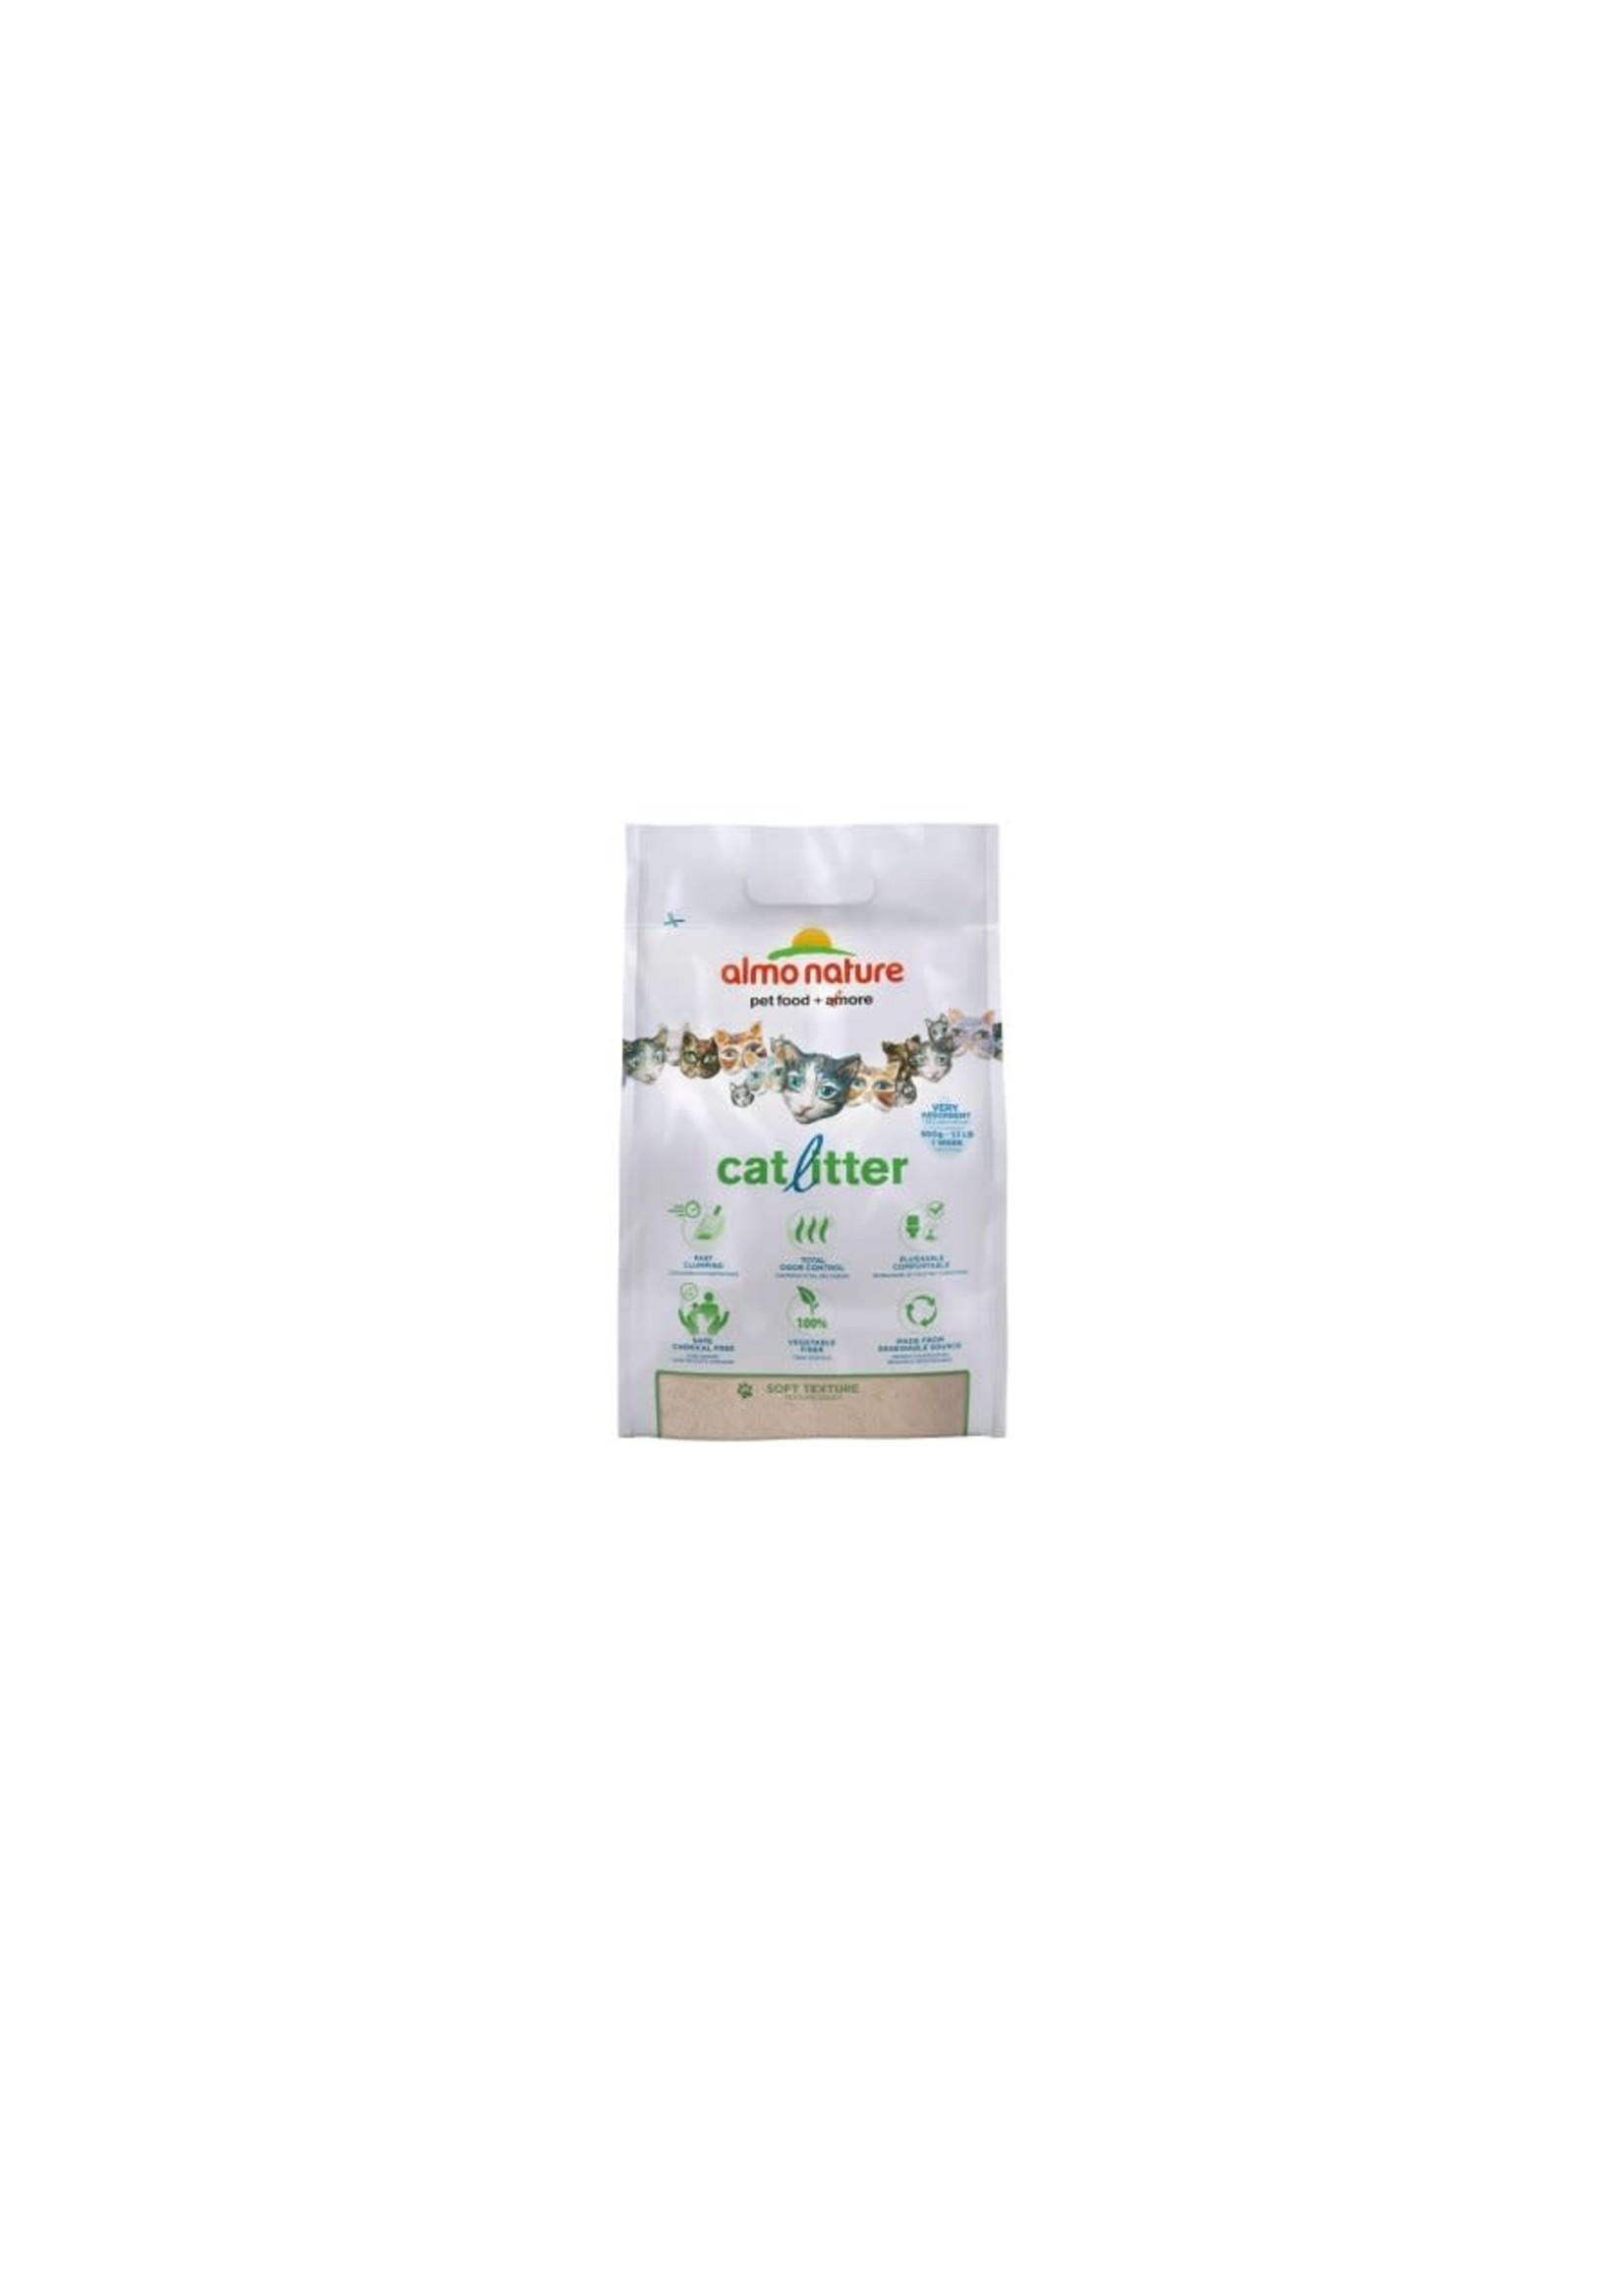 almo nature Almo nature litière agglomérante de fibre végétale, contrôle des odeurs, 10 lb